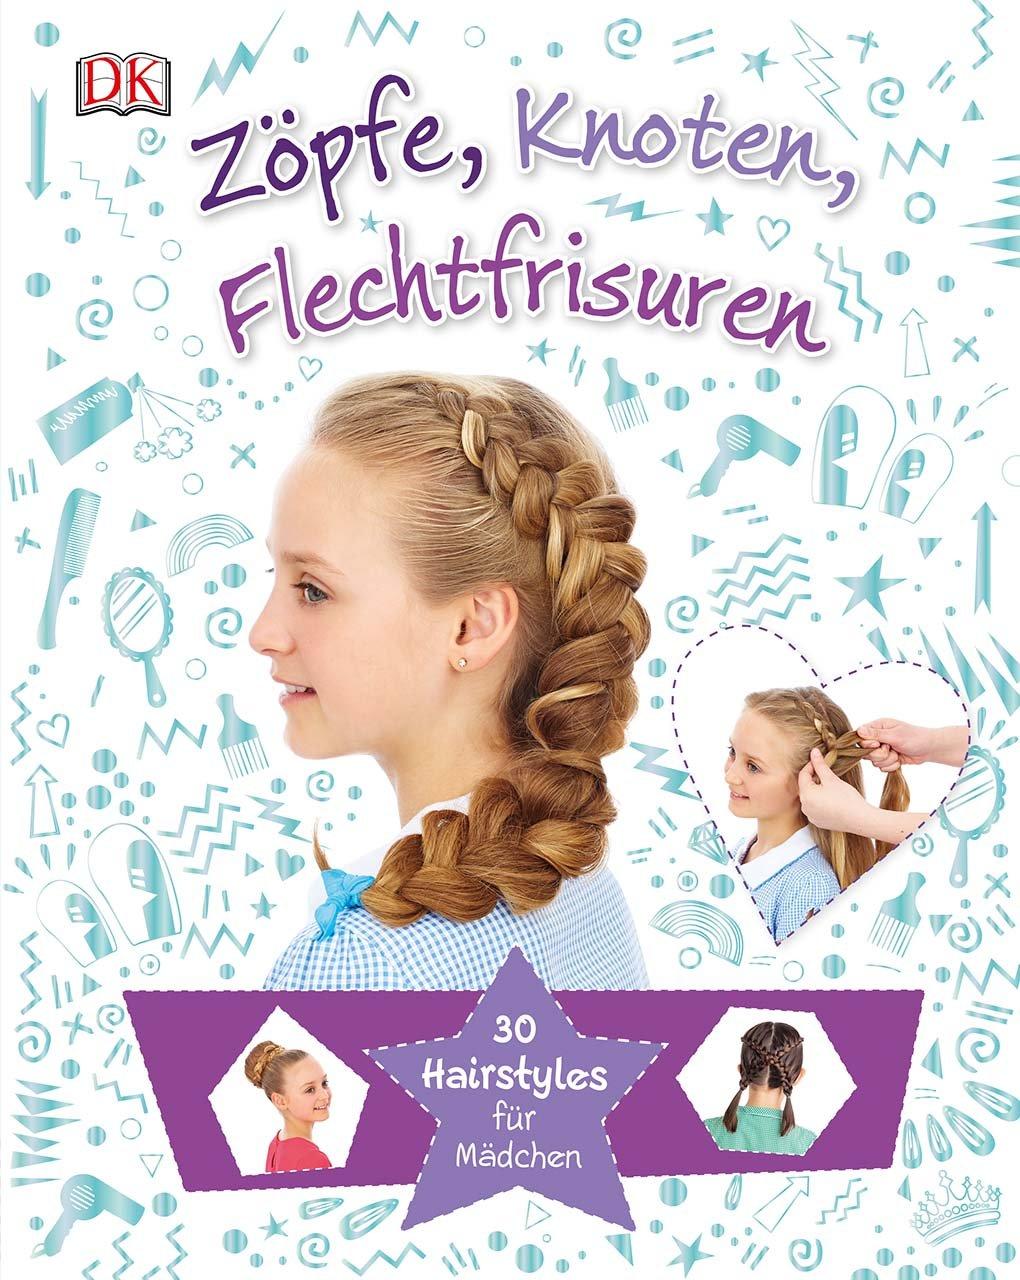 Zöpfe Knoten Flechtfrisuren  30 Hairstyles Für Mädchen